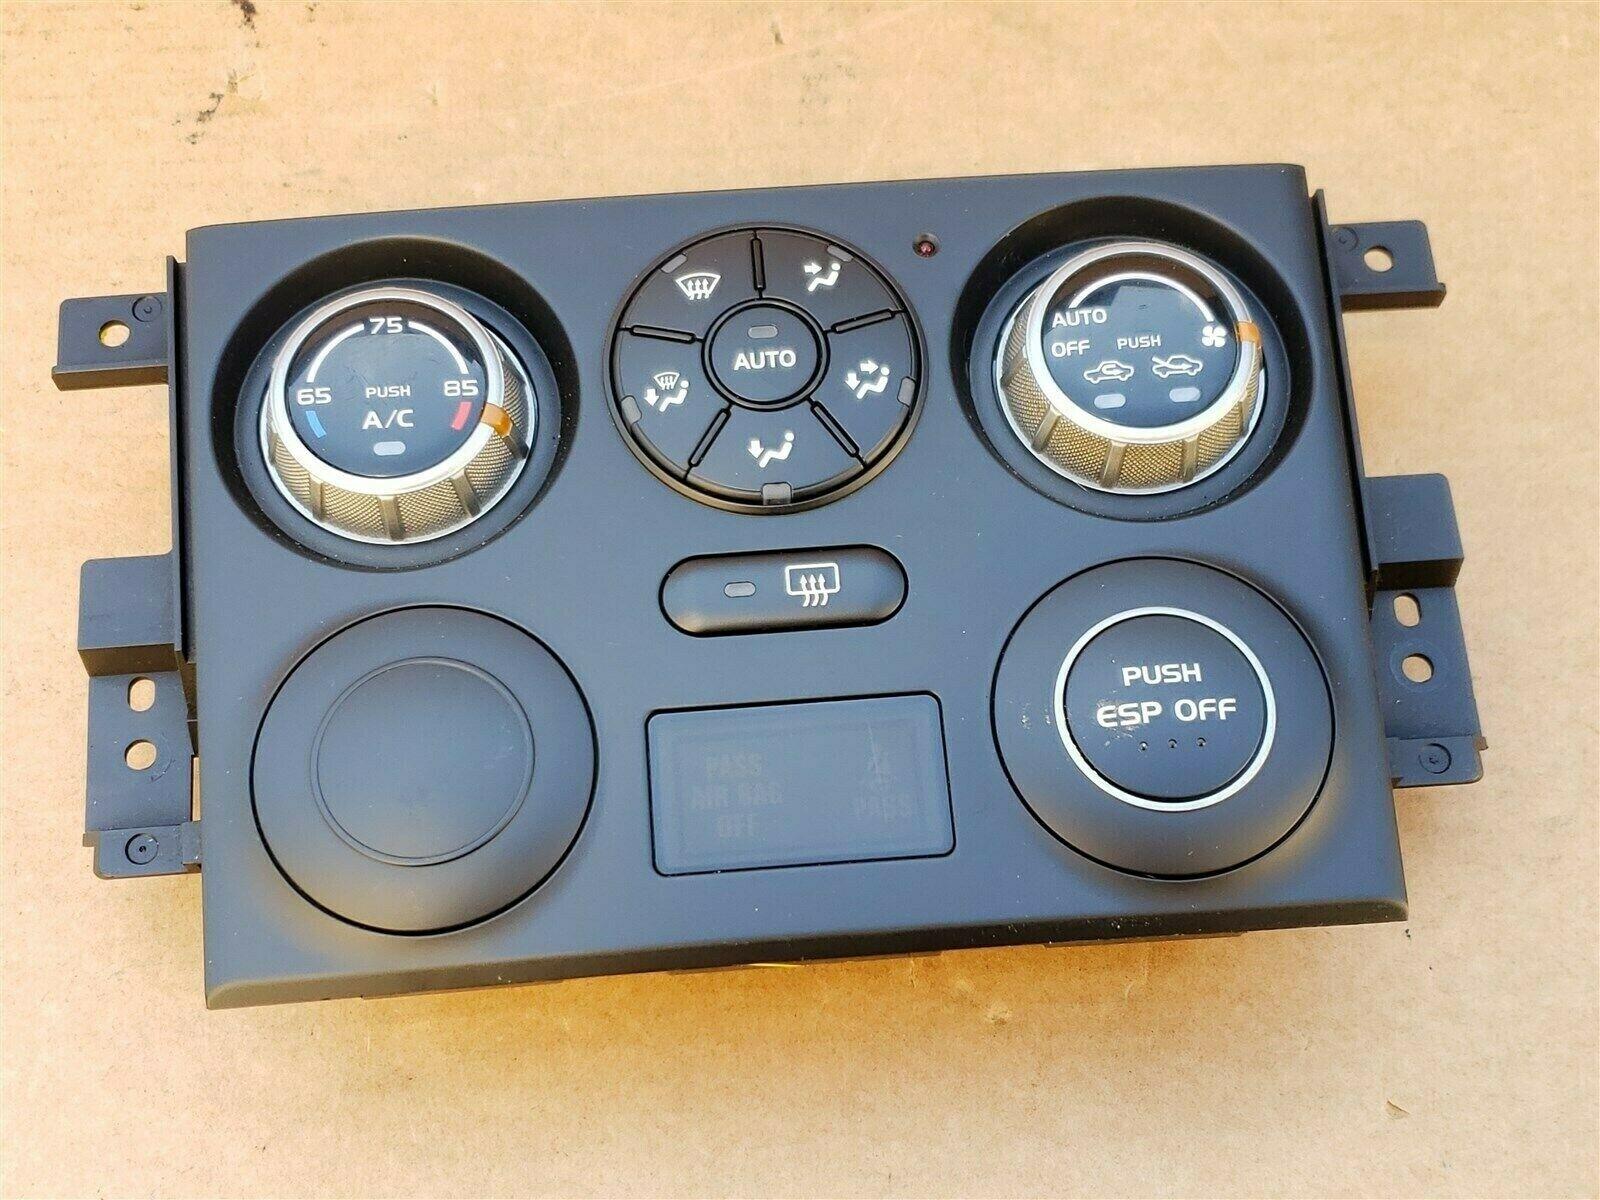 06 Suzuki Grand Vitara Air AC Heater Climate Control Panel 39510-65J23-CAT